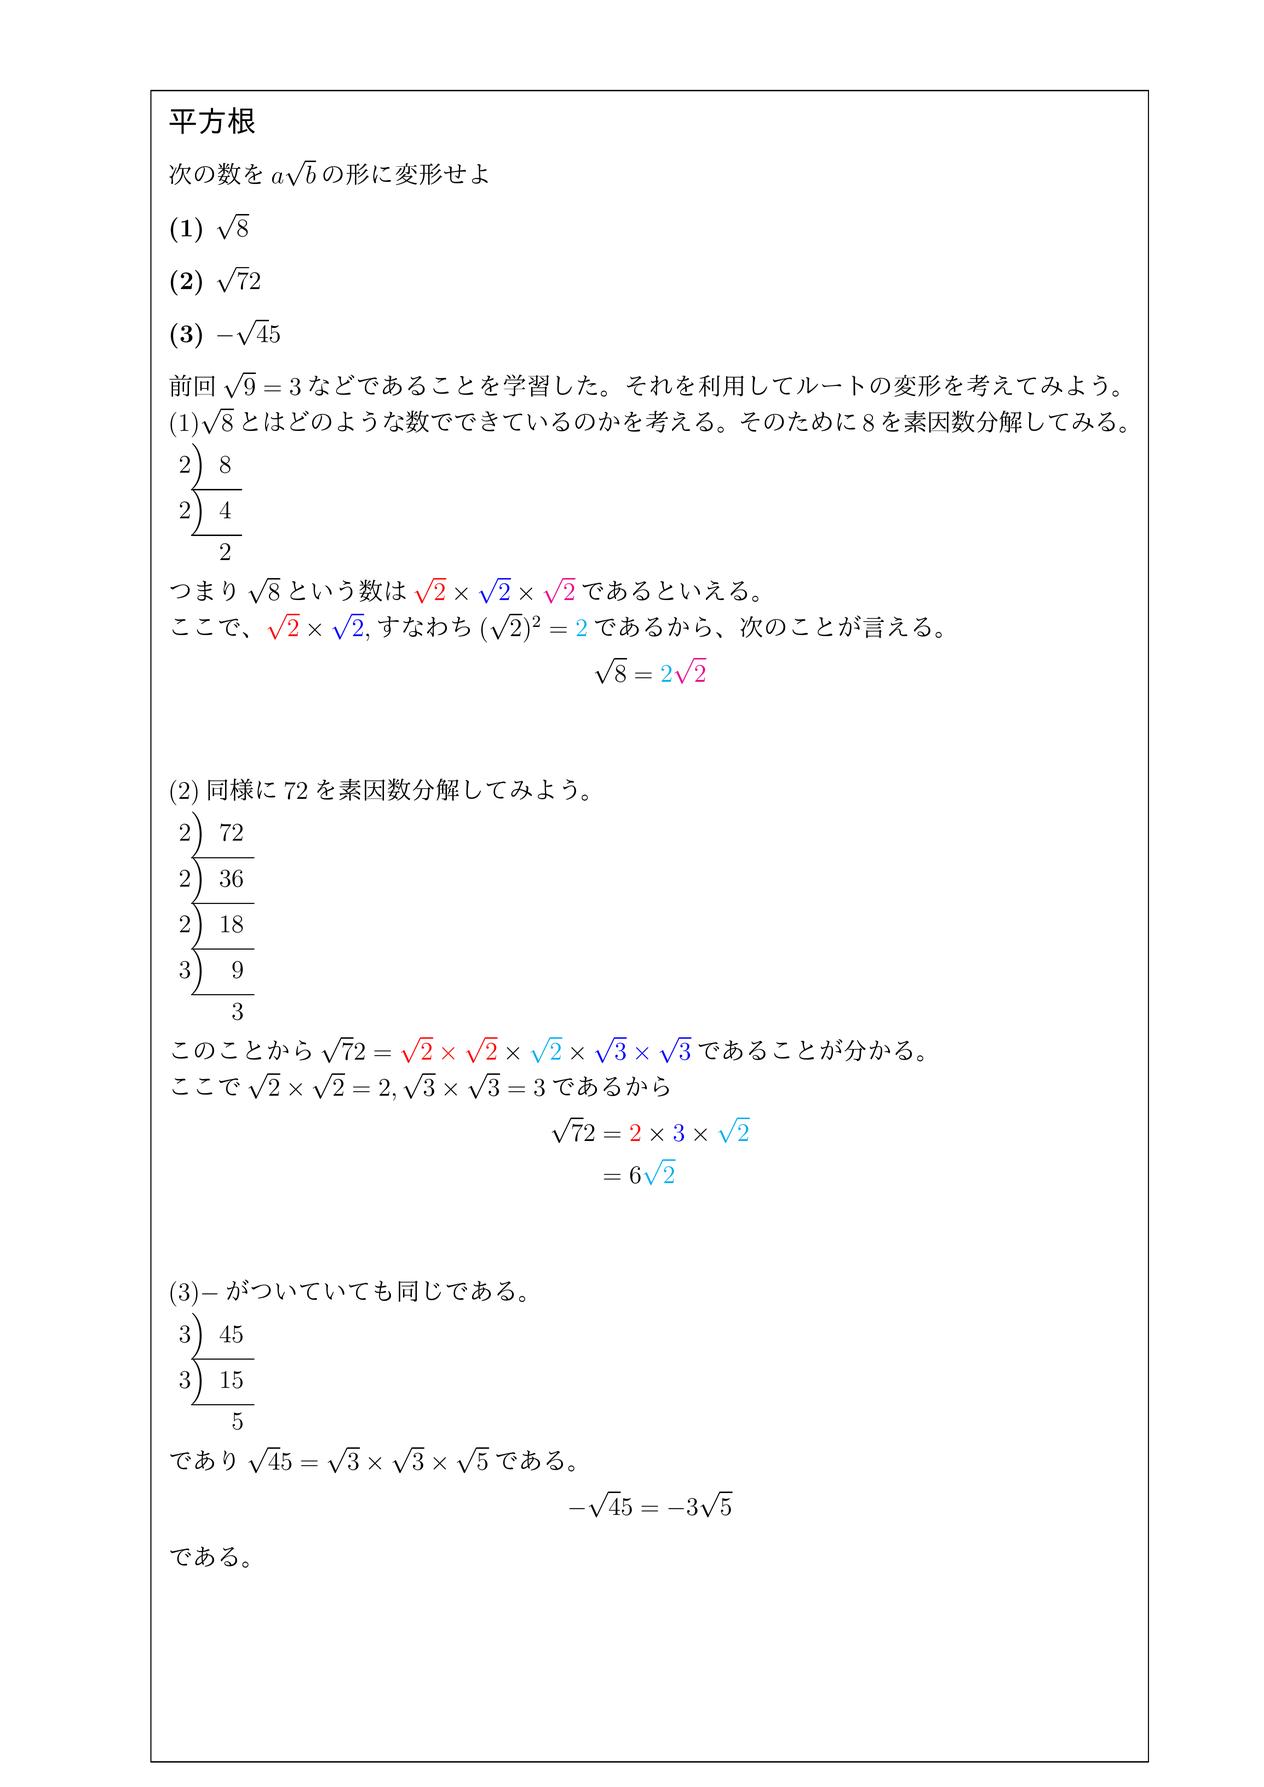 平方根(aルートbへの変形)